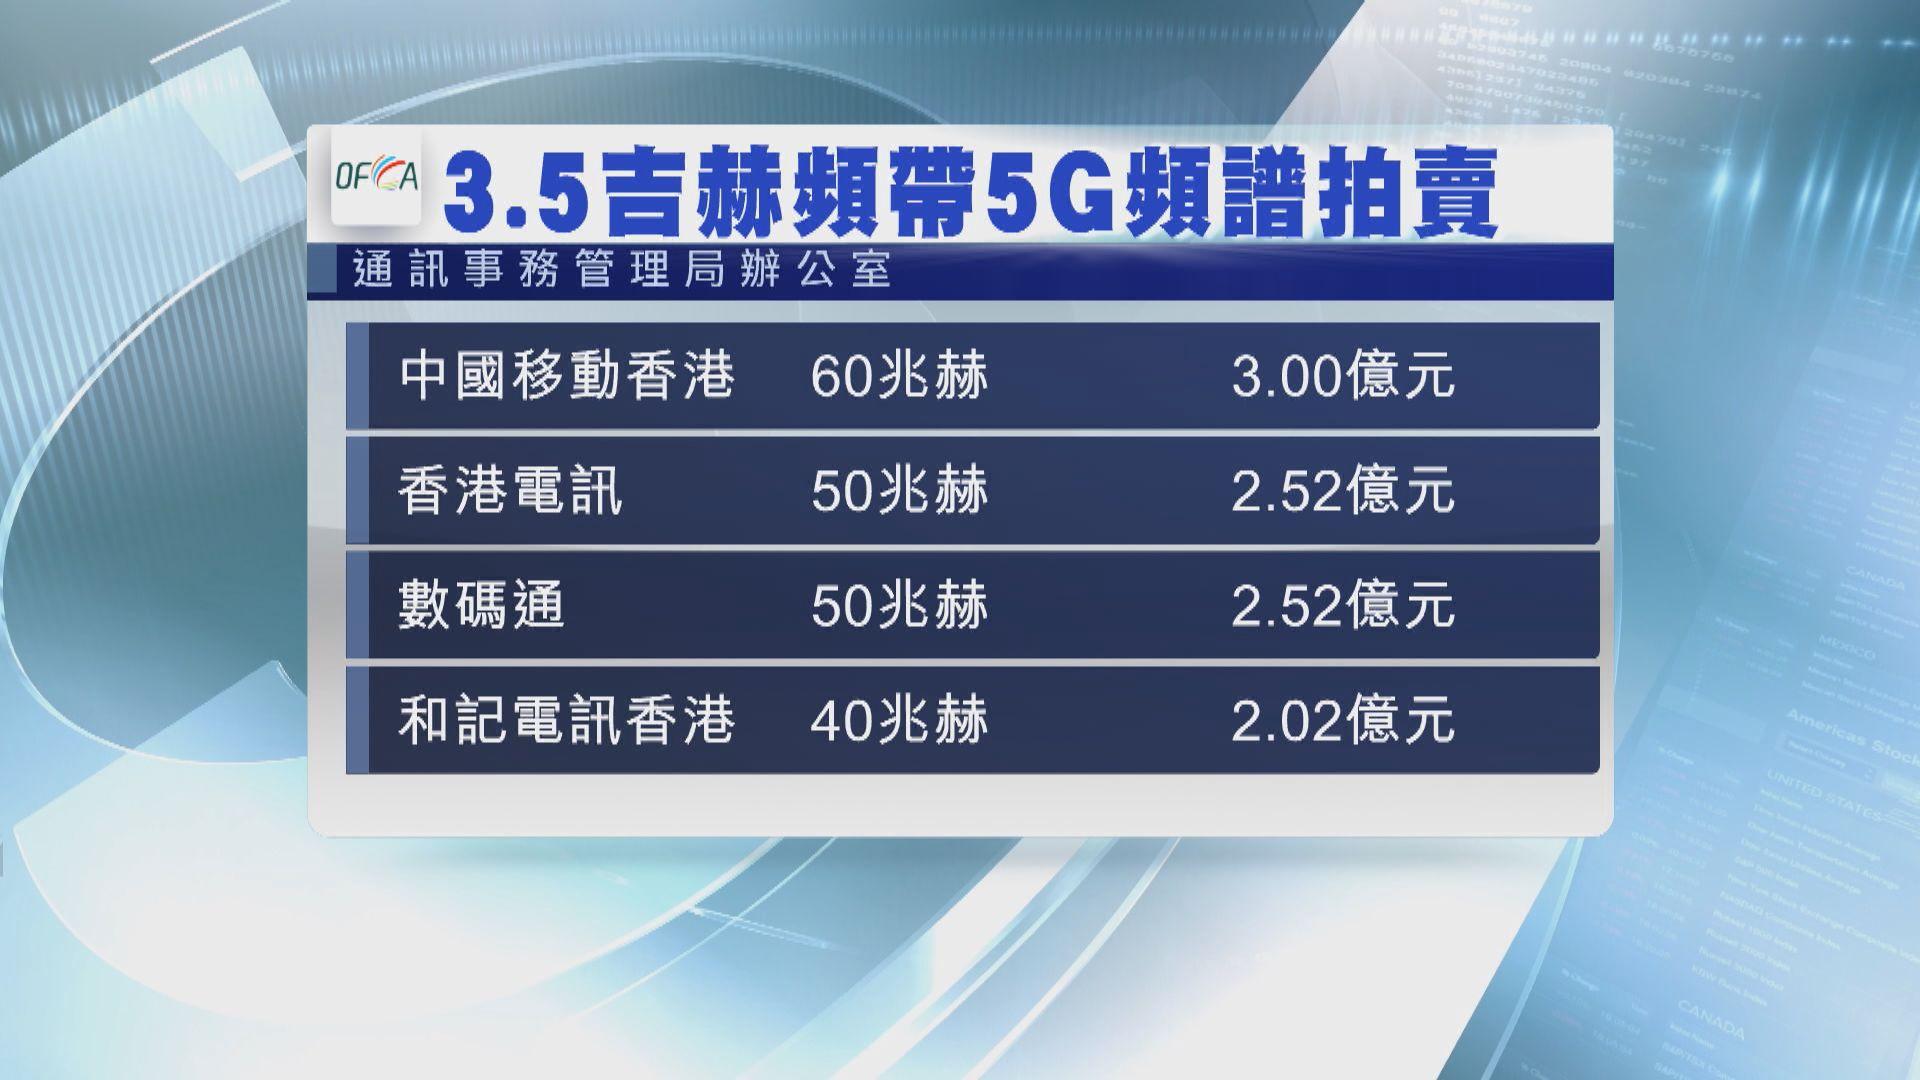 【5G頻譜】券商:出價反映香港電訊商競爭溫和